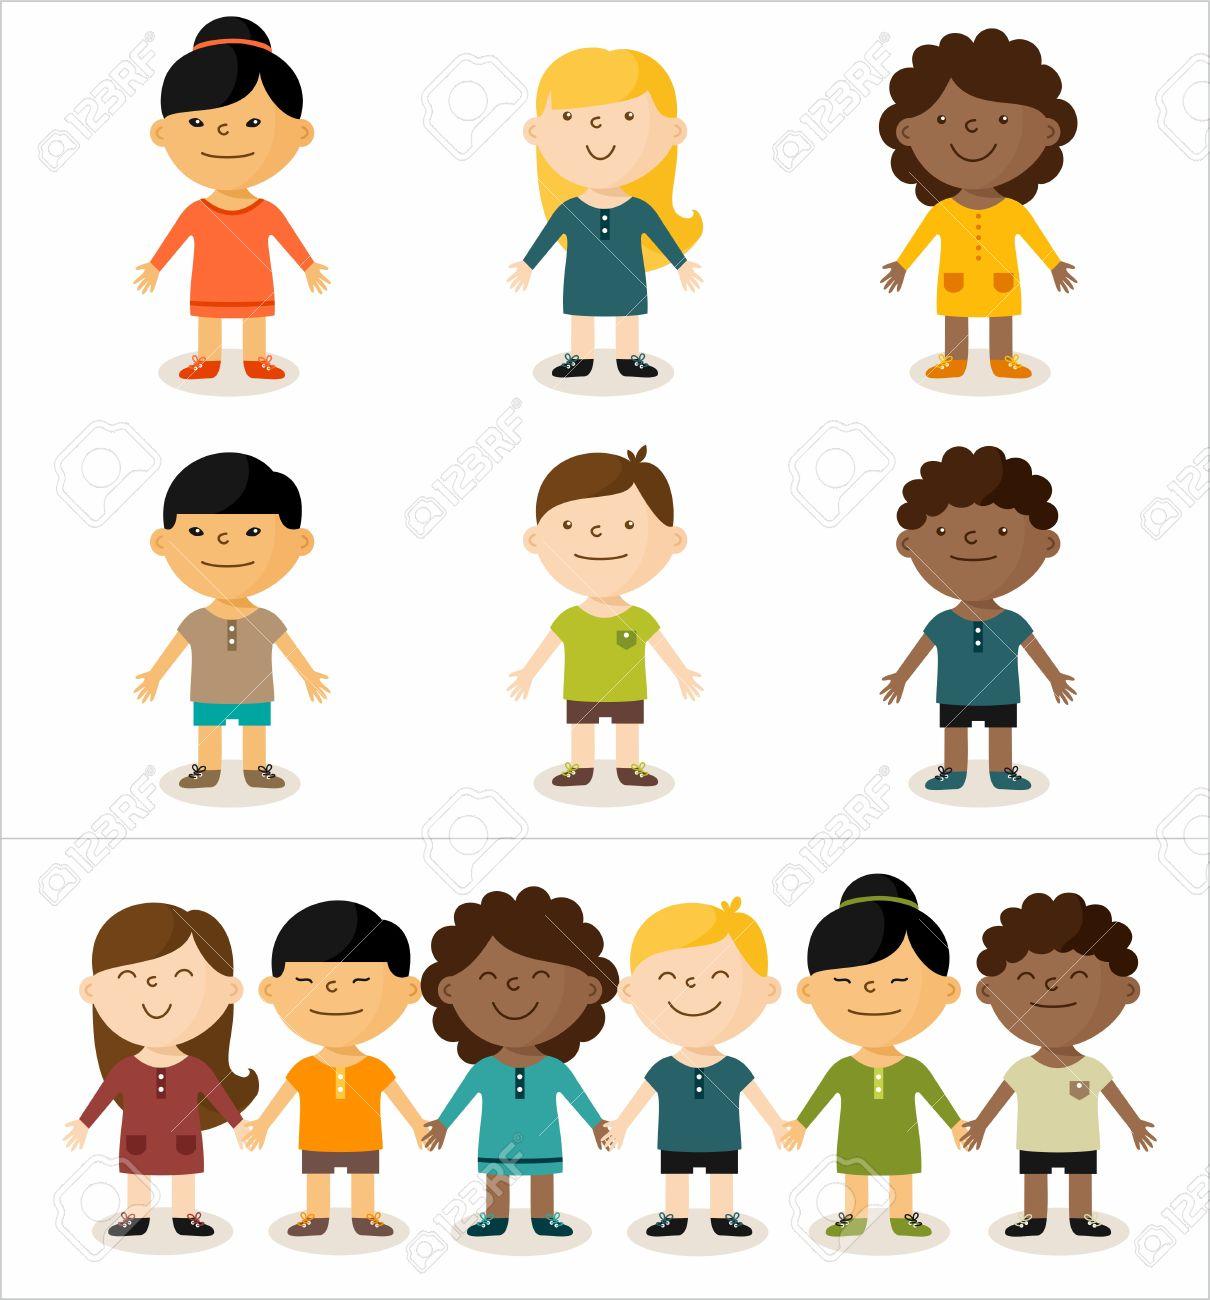 ベクトル イラスト 多文化子どもたちの笑顔がかわいいすべての要素は